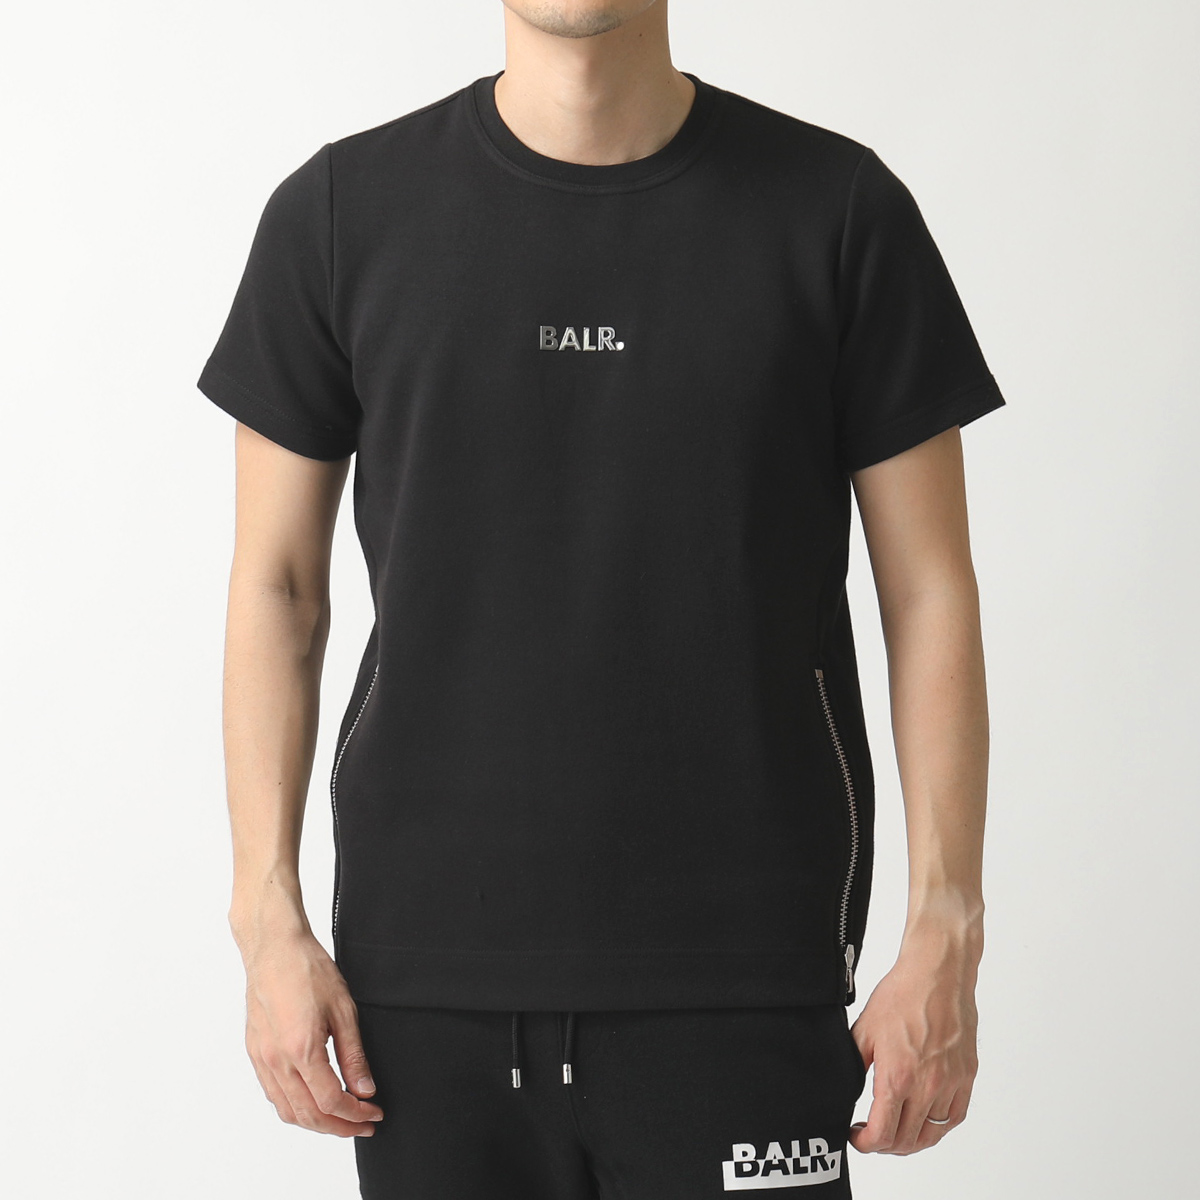 BALR. ボーラー Q-SERIES QS Short Sleeve Sweater スウェット 半袖 Tシャツ カットソー メタルロゴ Black メンズ